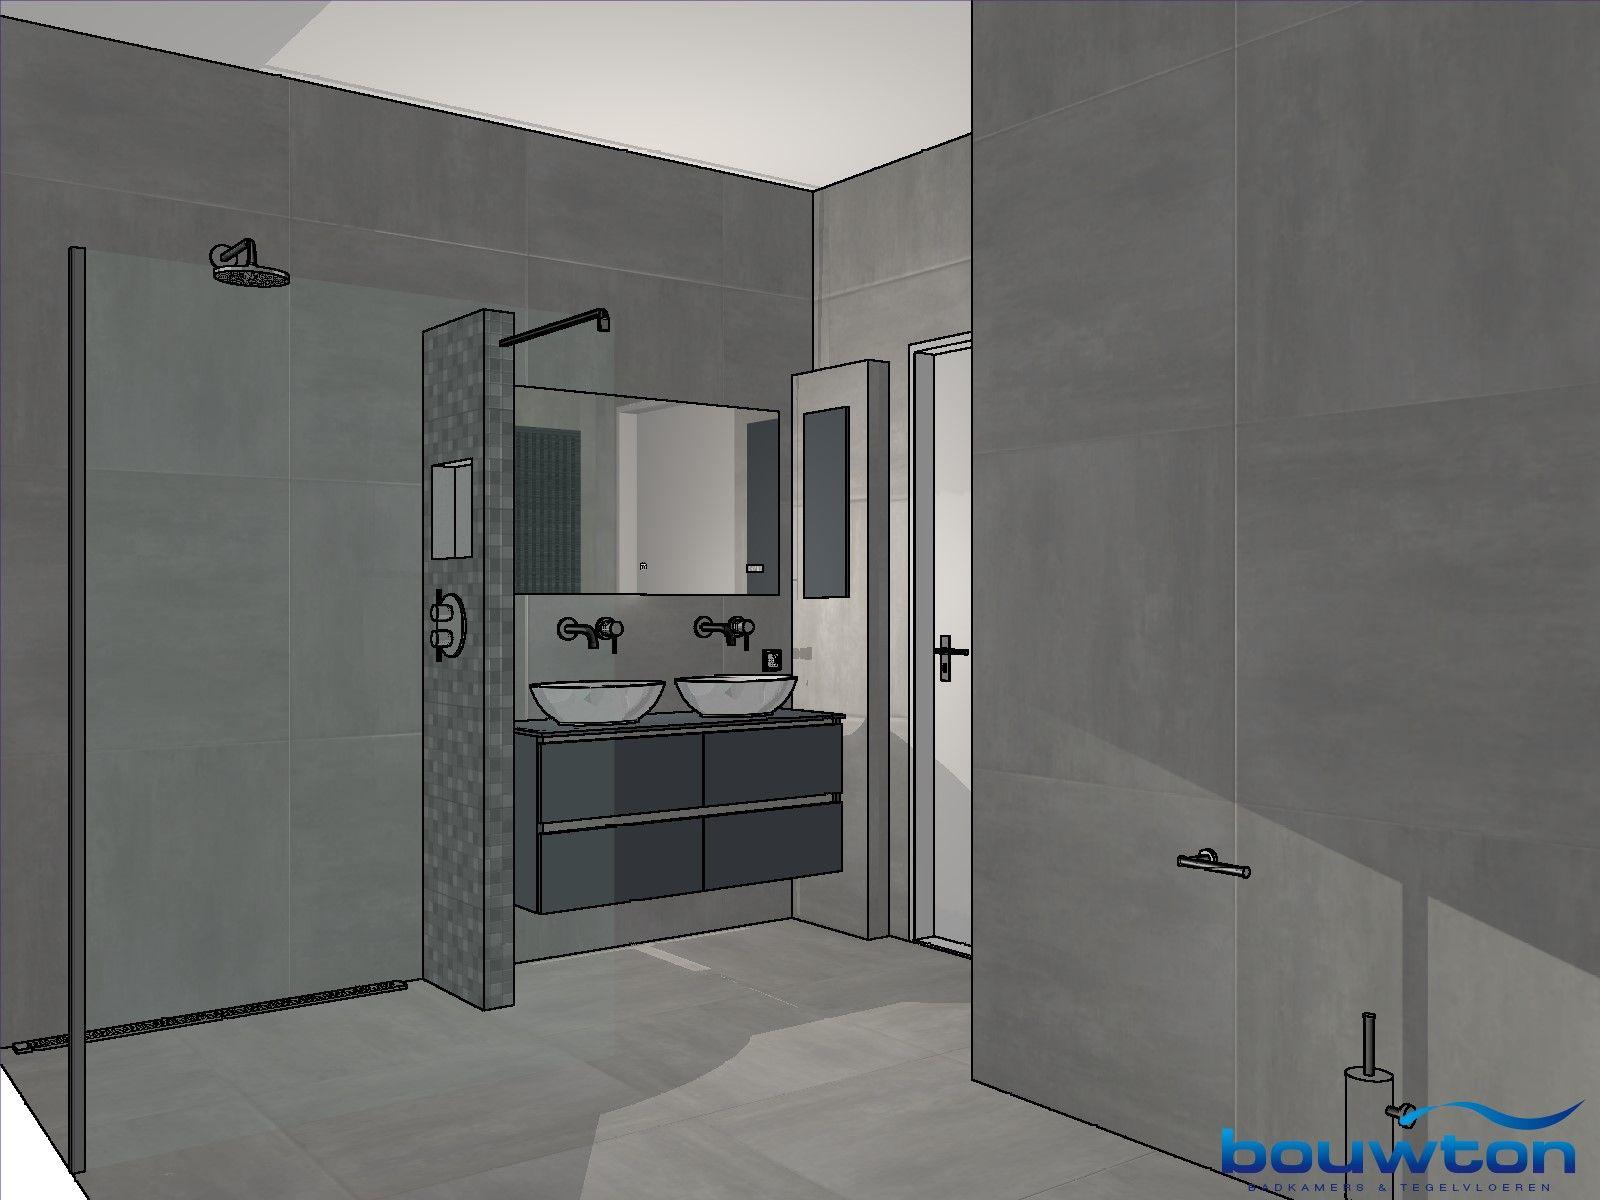 Badkamer Laten Maken : Ontwerp voor uw badkamer laten maken wij helpen u graag met het